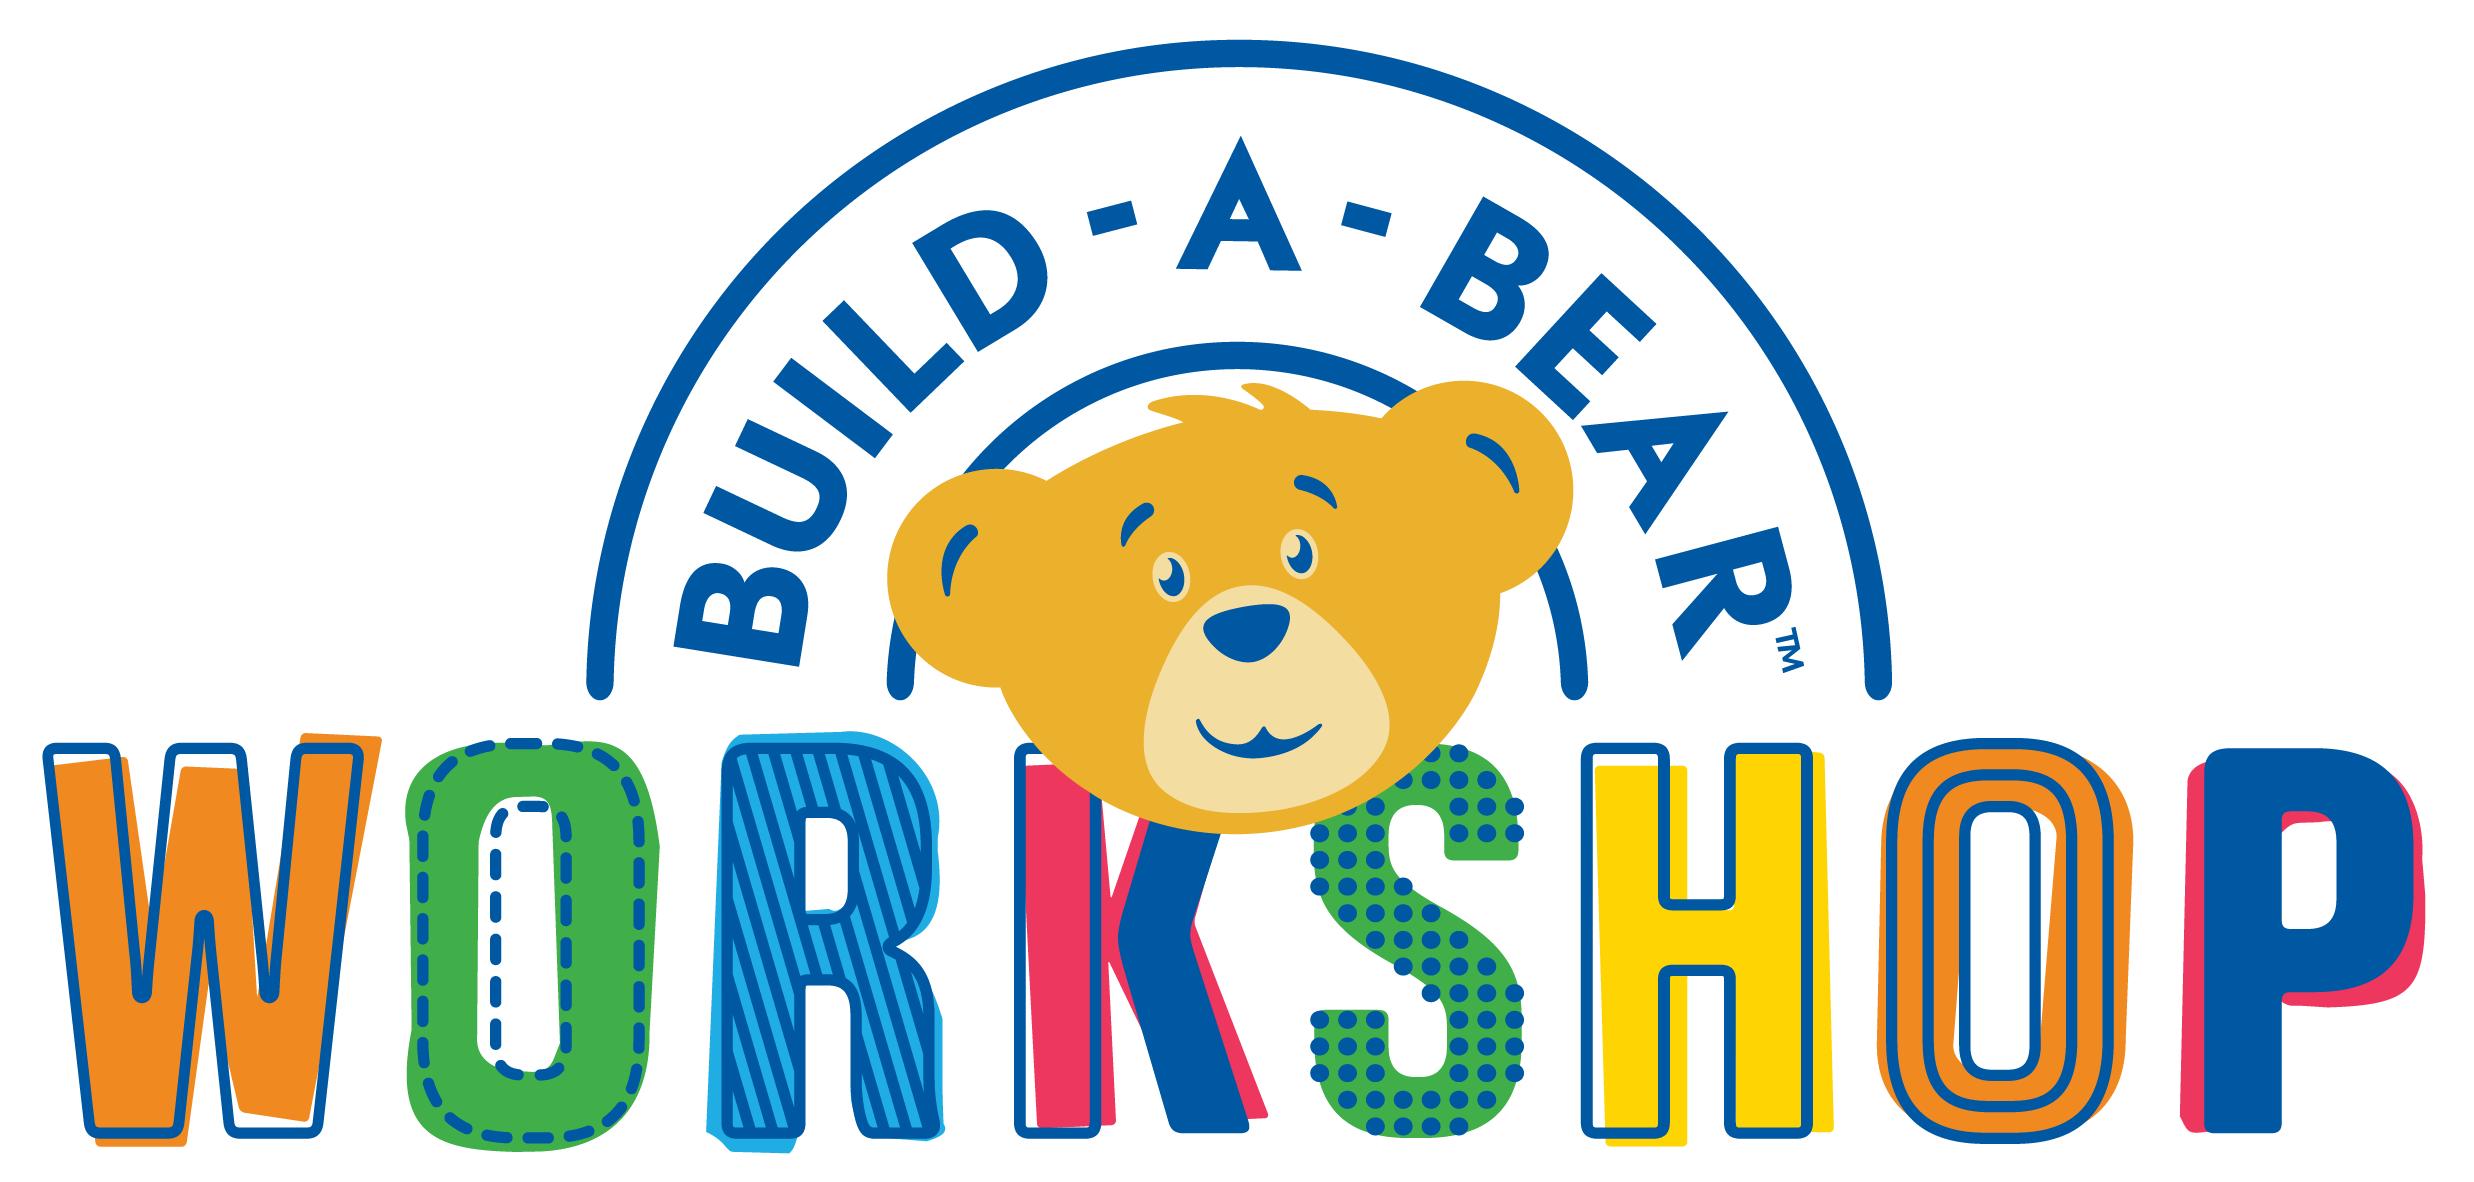 Bonus bear clipart royalty free library Photo Gallery royalty free library